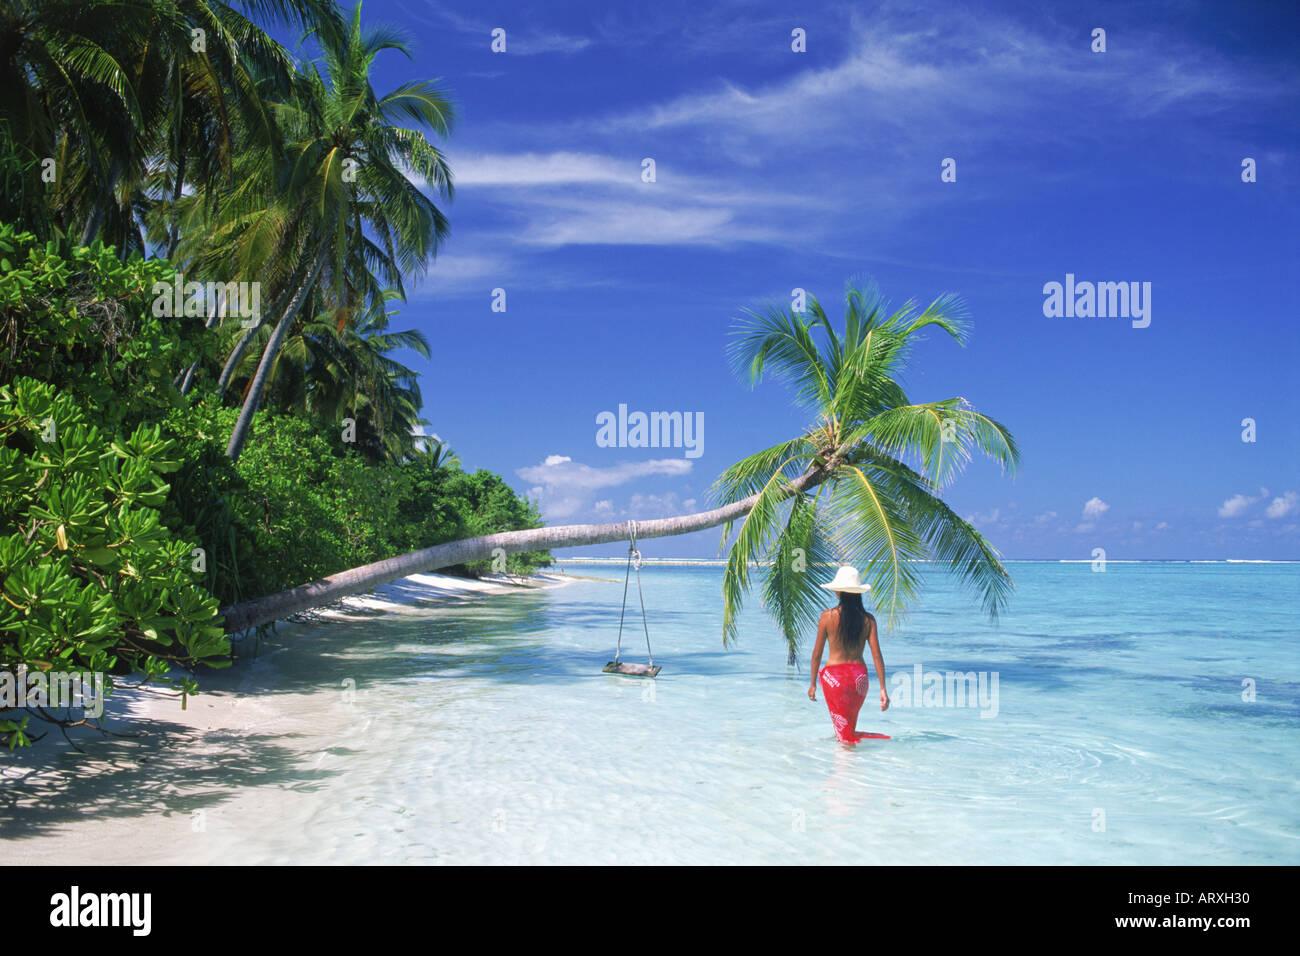 Donna che indossa red sarong e white hat camminando lungo la spiaggia con sovrastante Palm tree in Maldive Immagini Stock